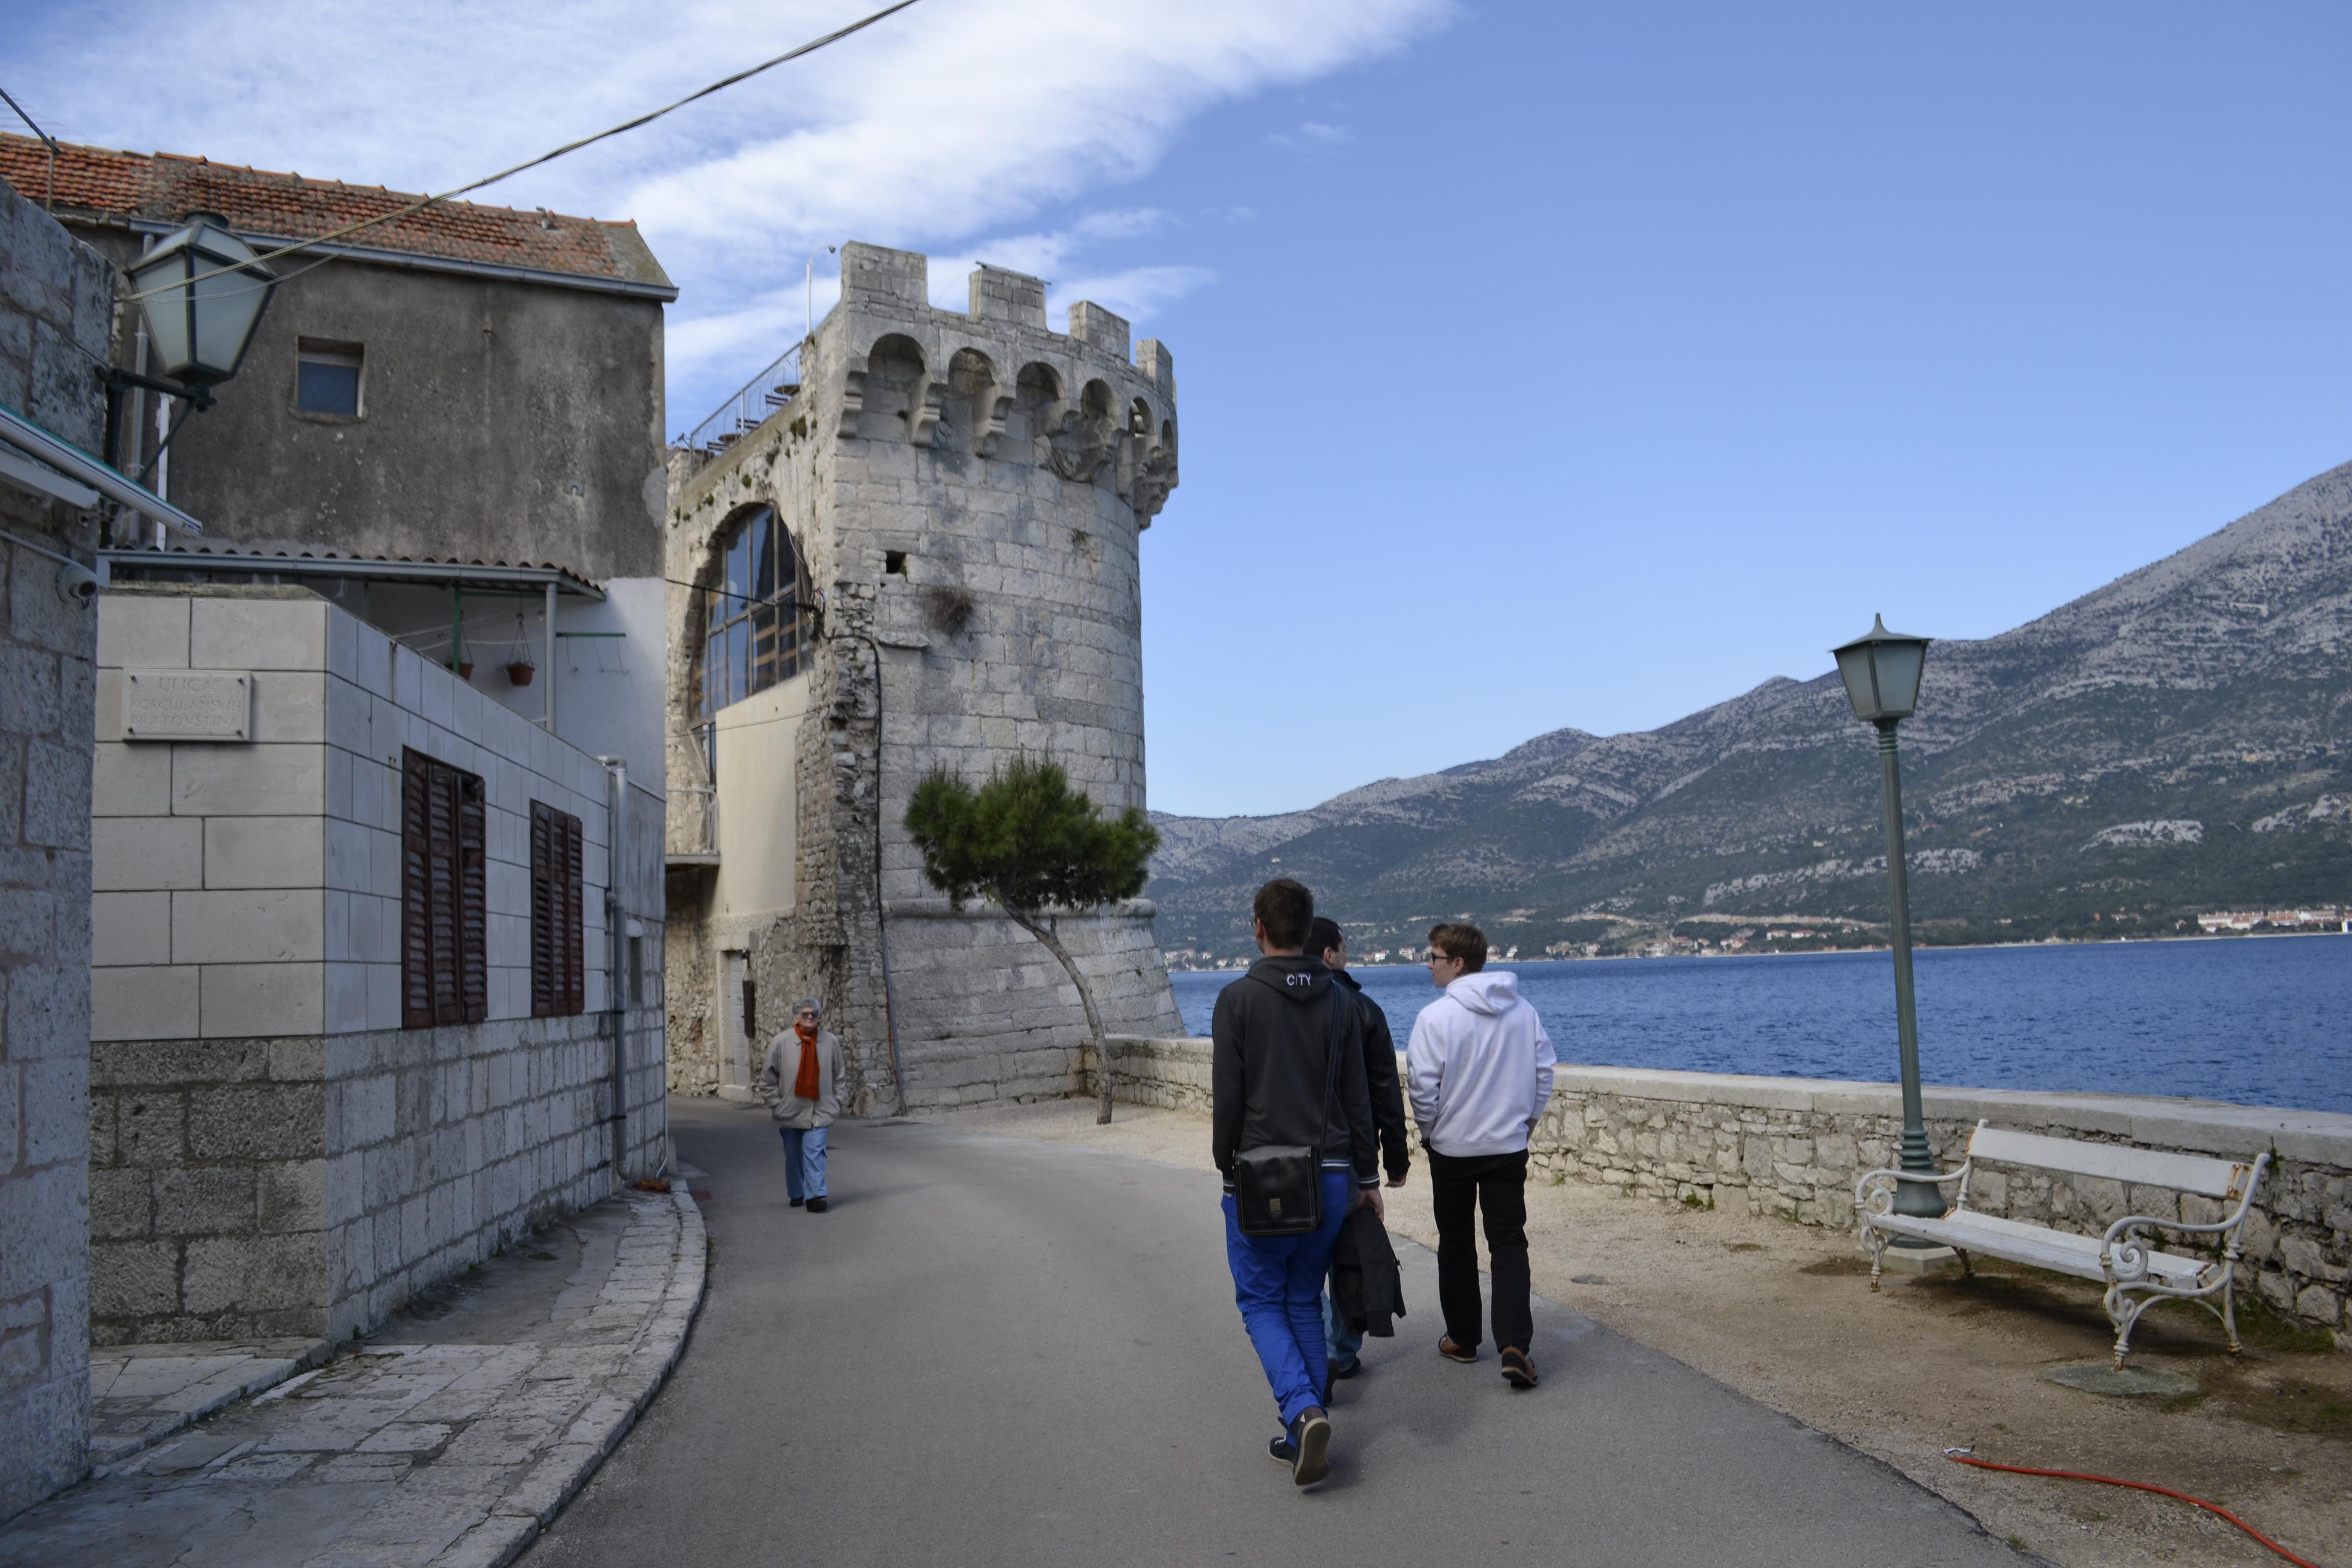 Turistické miesta v chorvátsku mimo sezóny zívajú prázdnotou. Boli sme jediní turisti široko ďaleko.